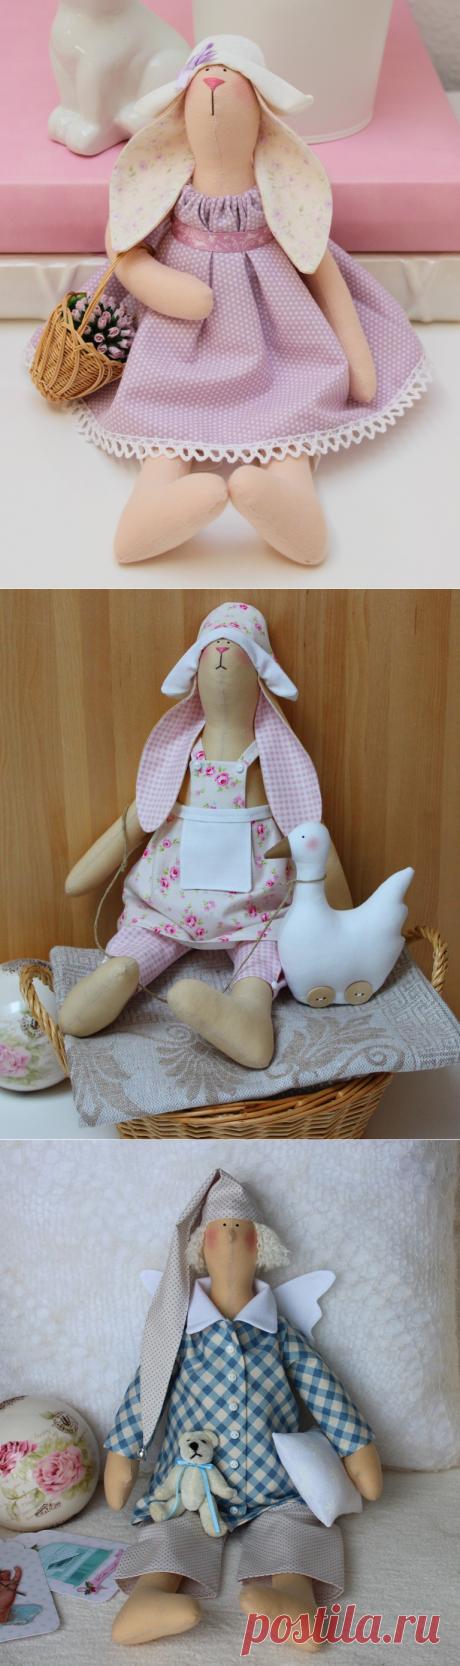 и игрушки Тильды немецкой мастерицы Julia Schilles